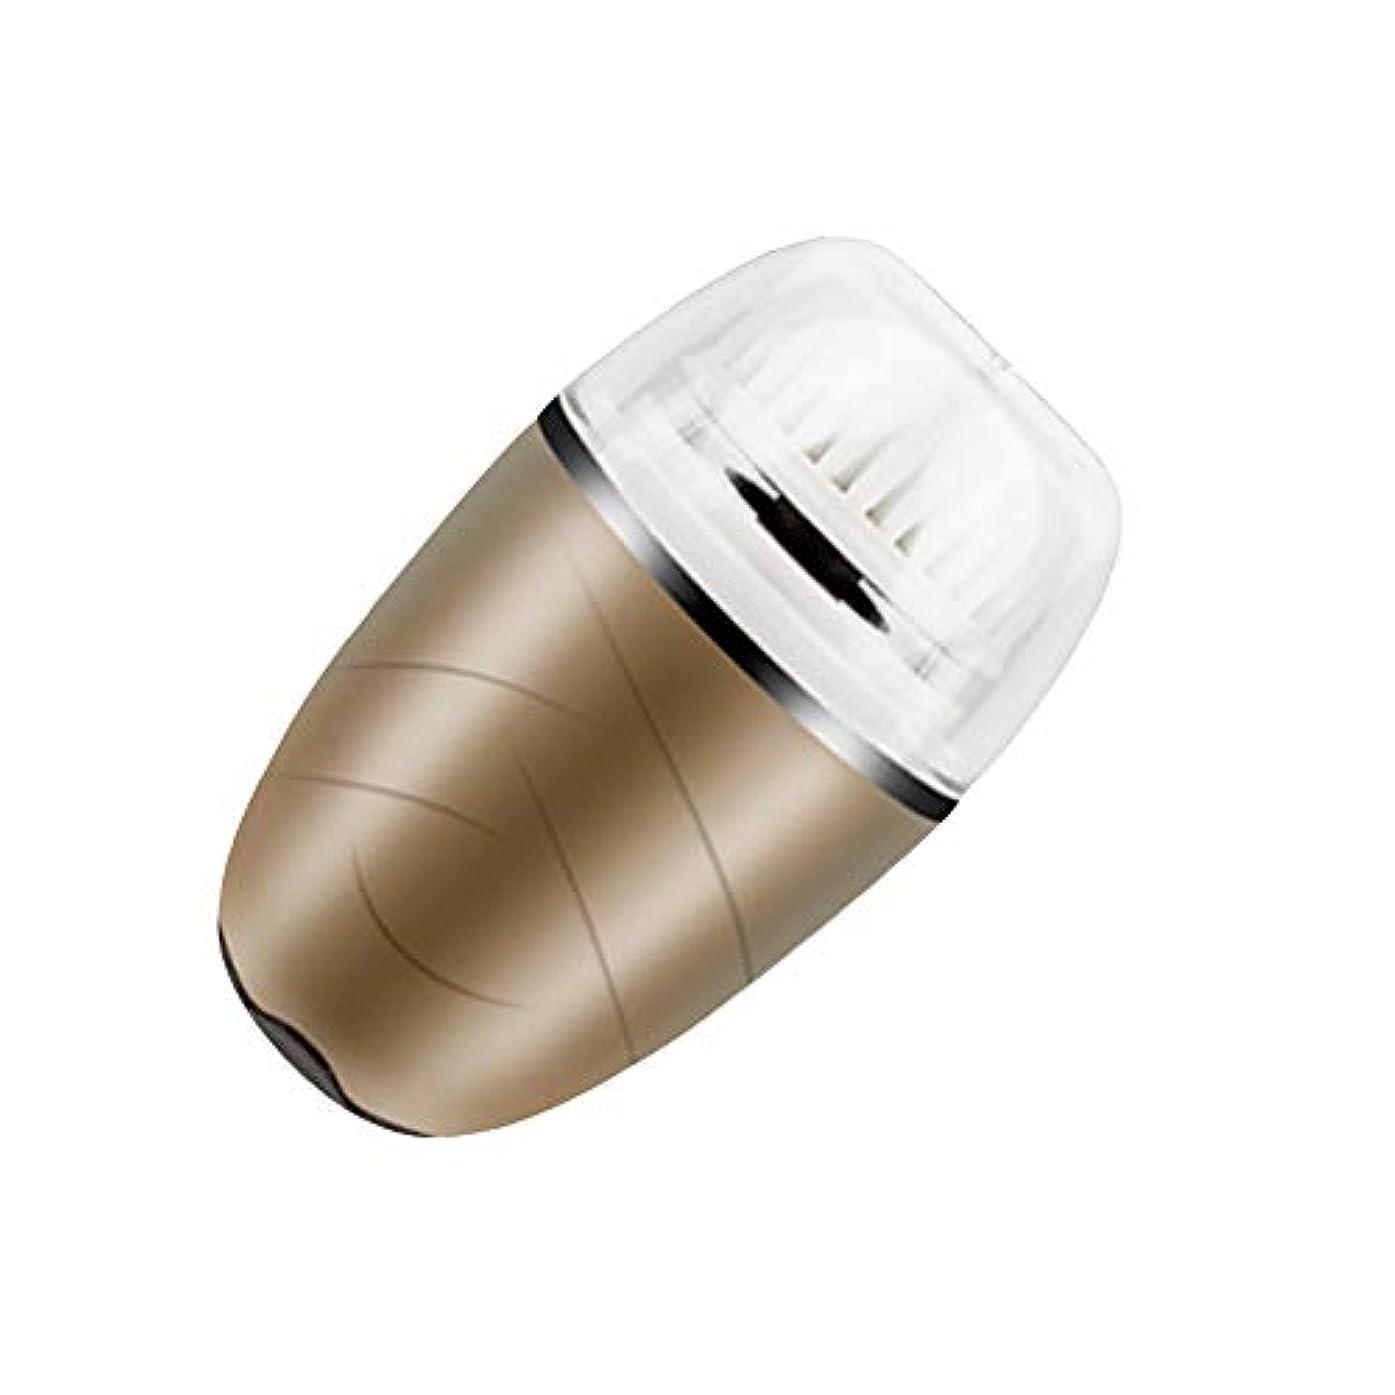 問題ラボピンポイント洗顔ブラシ、電動ソニックフェイスブラシ振動顔クレンジングシステム防水ブラシにきびエクスフォリエーター USB 充電式,Gold